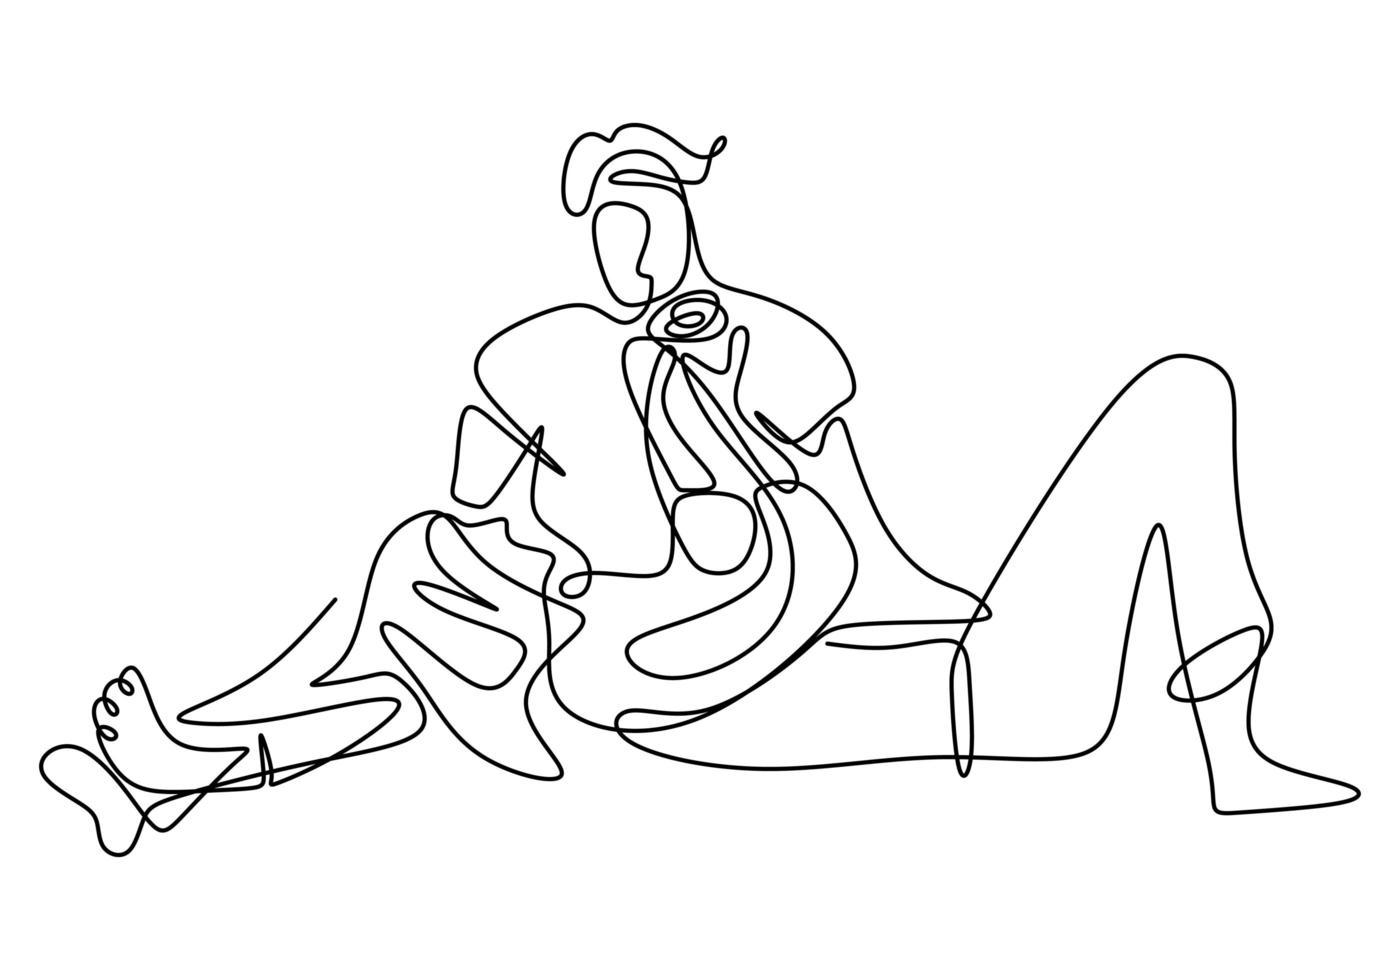 desenho de uma linha contínua, vetor de casal apaixonado. design minimalismo com simplicidade desenhado à mão isolado no fundo branco.